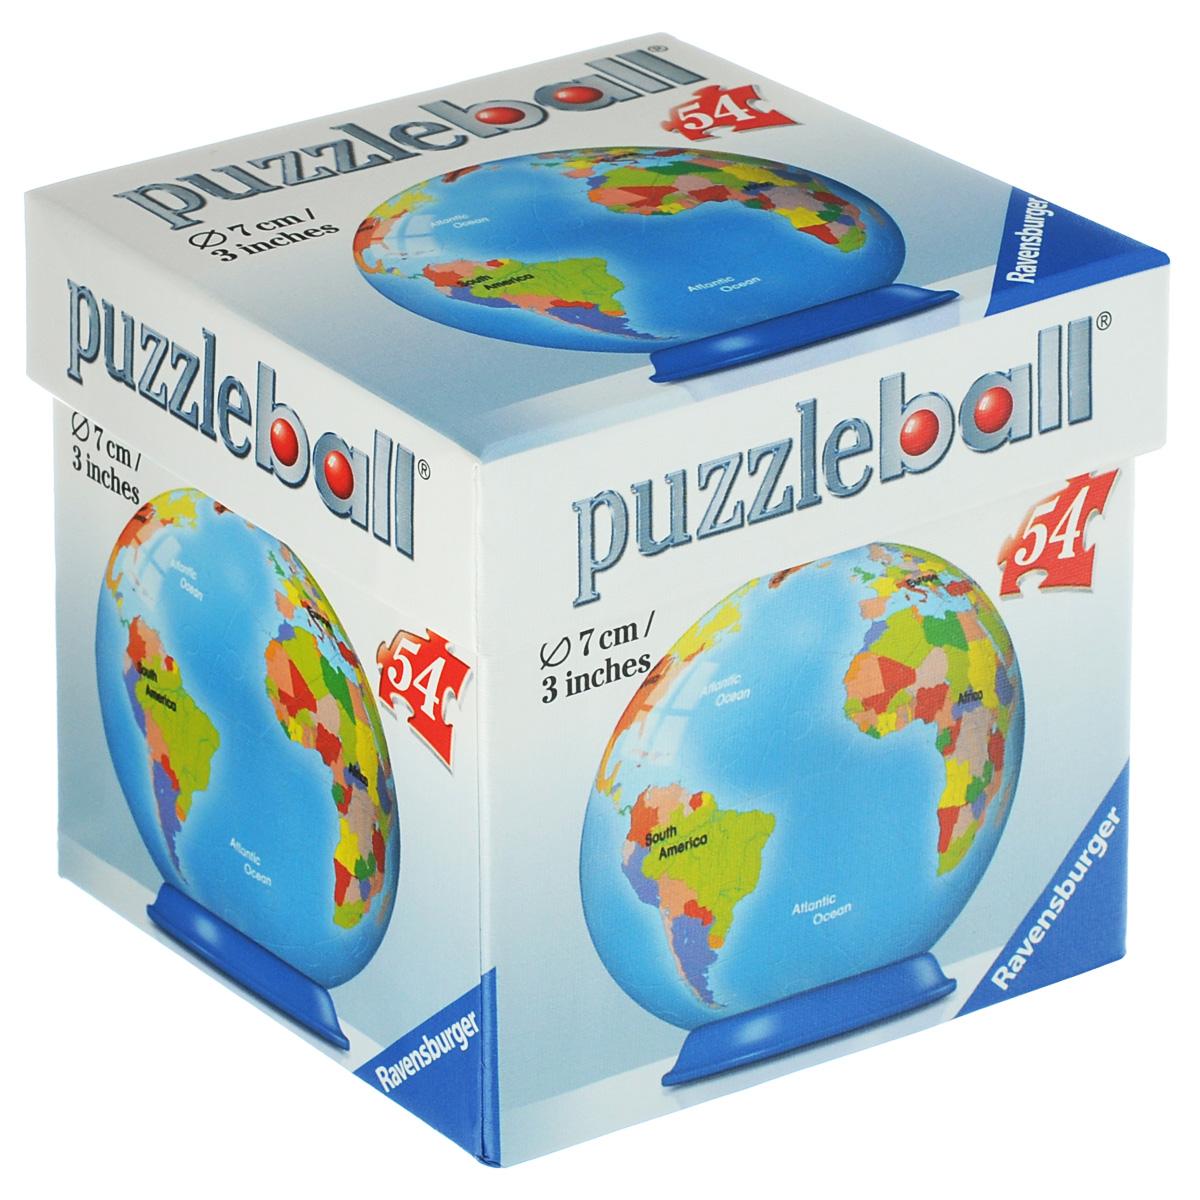 Ravensburger Глобус. Объемный 3D-пазл, 54 элемента94111Объемный 3D-пазл Ravensburger Глобус - прекрасный способ провести время увлекательно и с пользой. В набор входят 54 элемента, с помощью которых ваш ребенок сможет собрать шар в виде глобуса с картой стран. Для облегчения сборки каждый элемент с внутренней стороны пронумерован. Элементы пазла плотно фиксируются одна с другой без клея, крепятся друг к другу поочередно, образуя прочную конструкцию. В комплекте подставка под собранный пазл и схематичная инструкция. Пазл - великолепная игра для семейного досуга, захватывающая и взрослых и детей. Сегодня собирание пазлов стало особенно популярным, главным образом, благодаря своей многообразной тематике, способной удовлетворить самый взыскательный вкус.